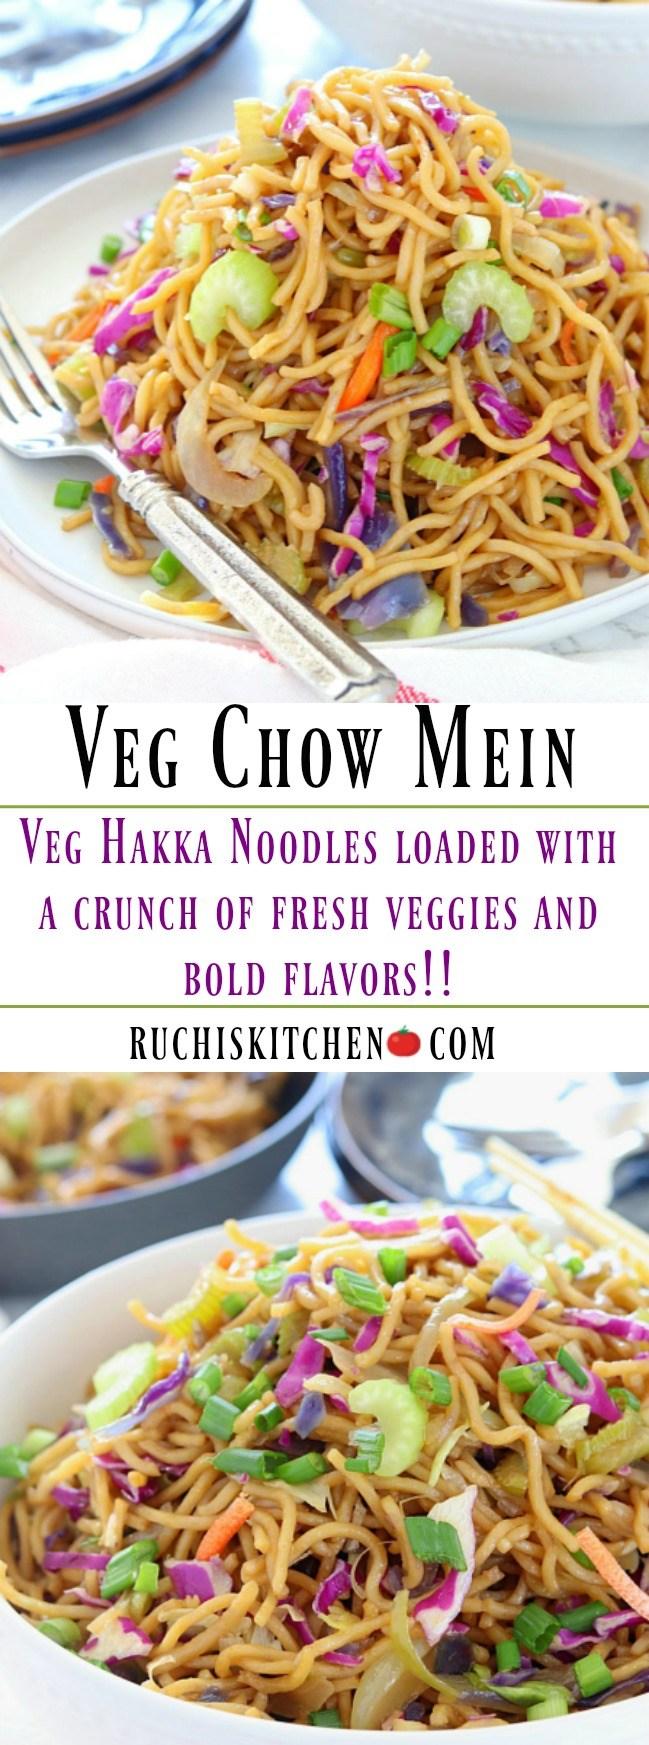 Veg Chow Mein or Hakka noodles - Ruchiskitchen